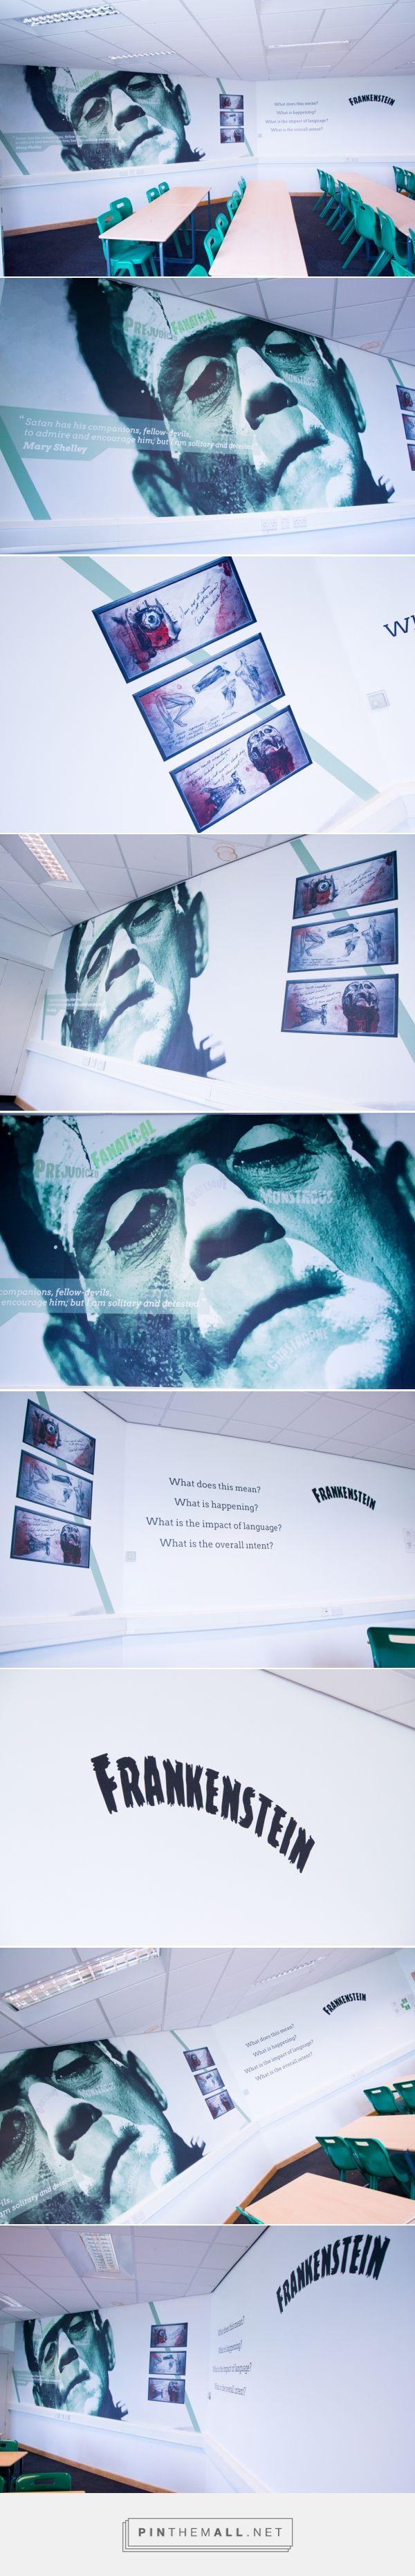 Frankenstein TGAR English Classroom Design on Behance